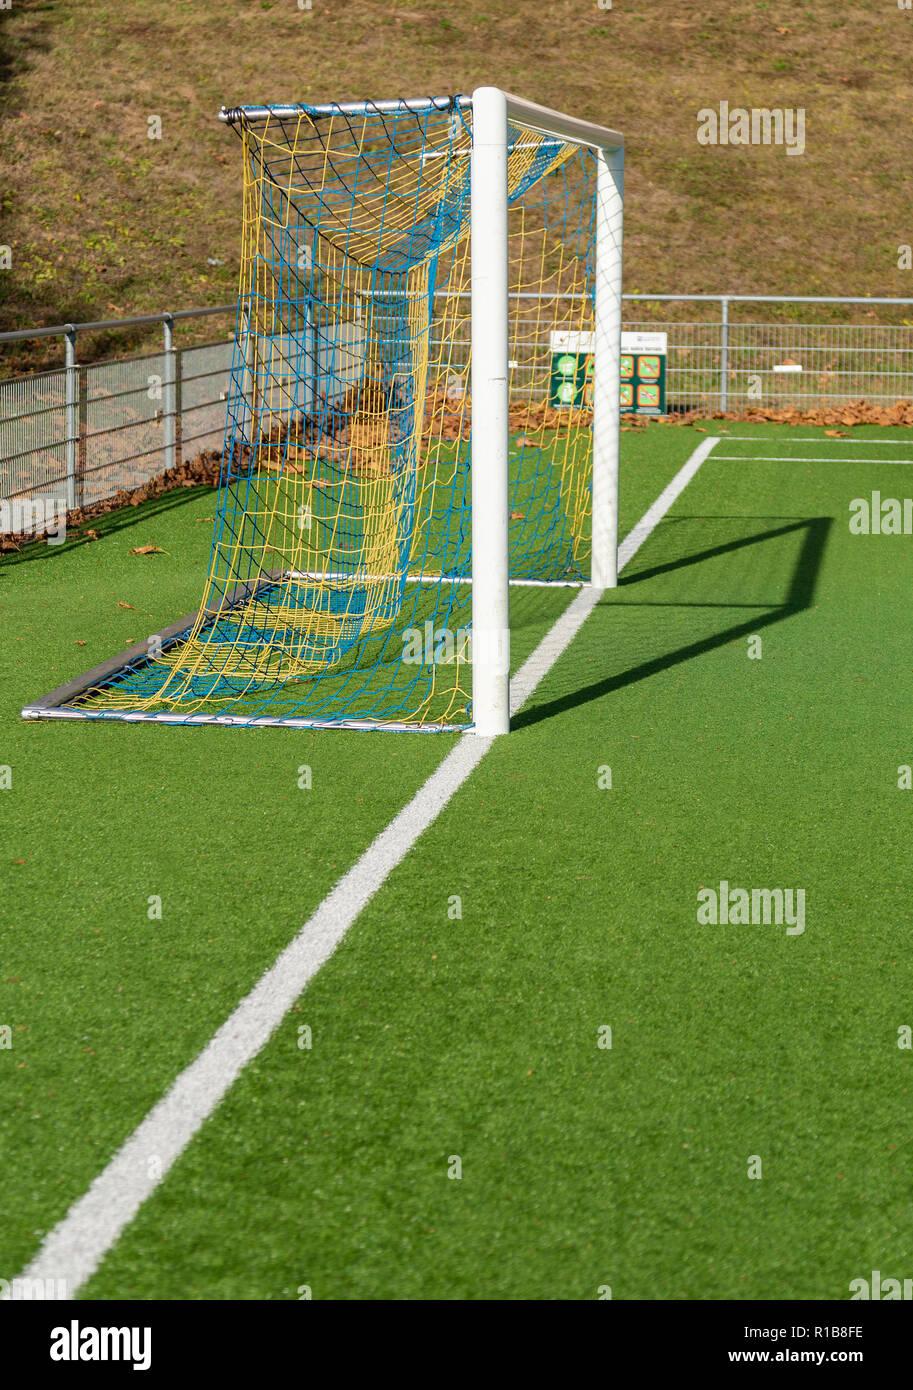 Gros plan du terrain de soccer football. Lignes blanches Banque D'Images